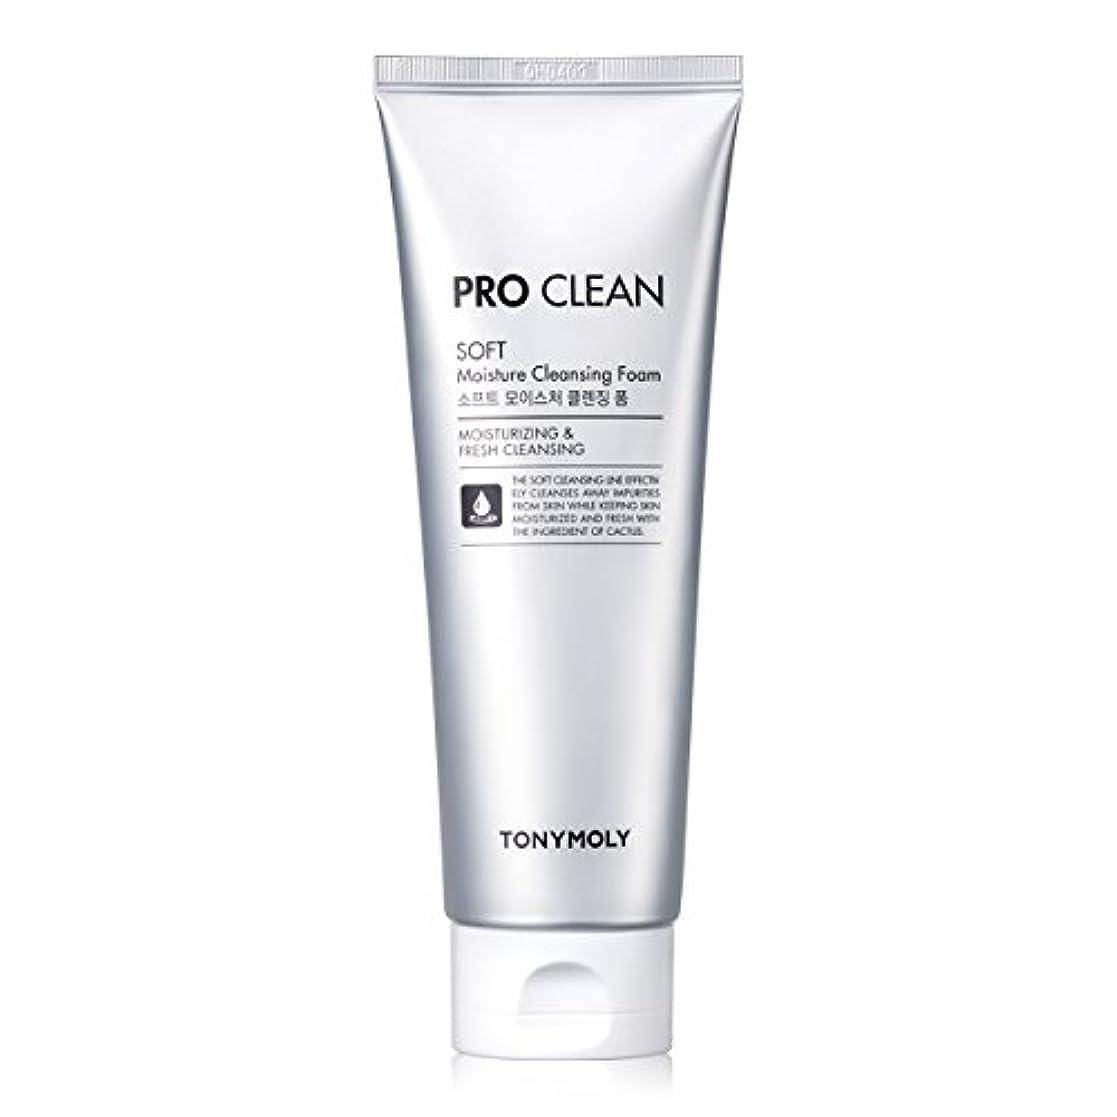 医師キルトレンダリング[New] TONYMOLY Pro Clean Soft Moisture Cleansing Foam 150ml/トニーモリー プロ クリーン ソフト モイスチャー クレンジングフォーム 150ml